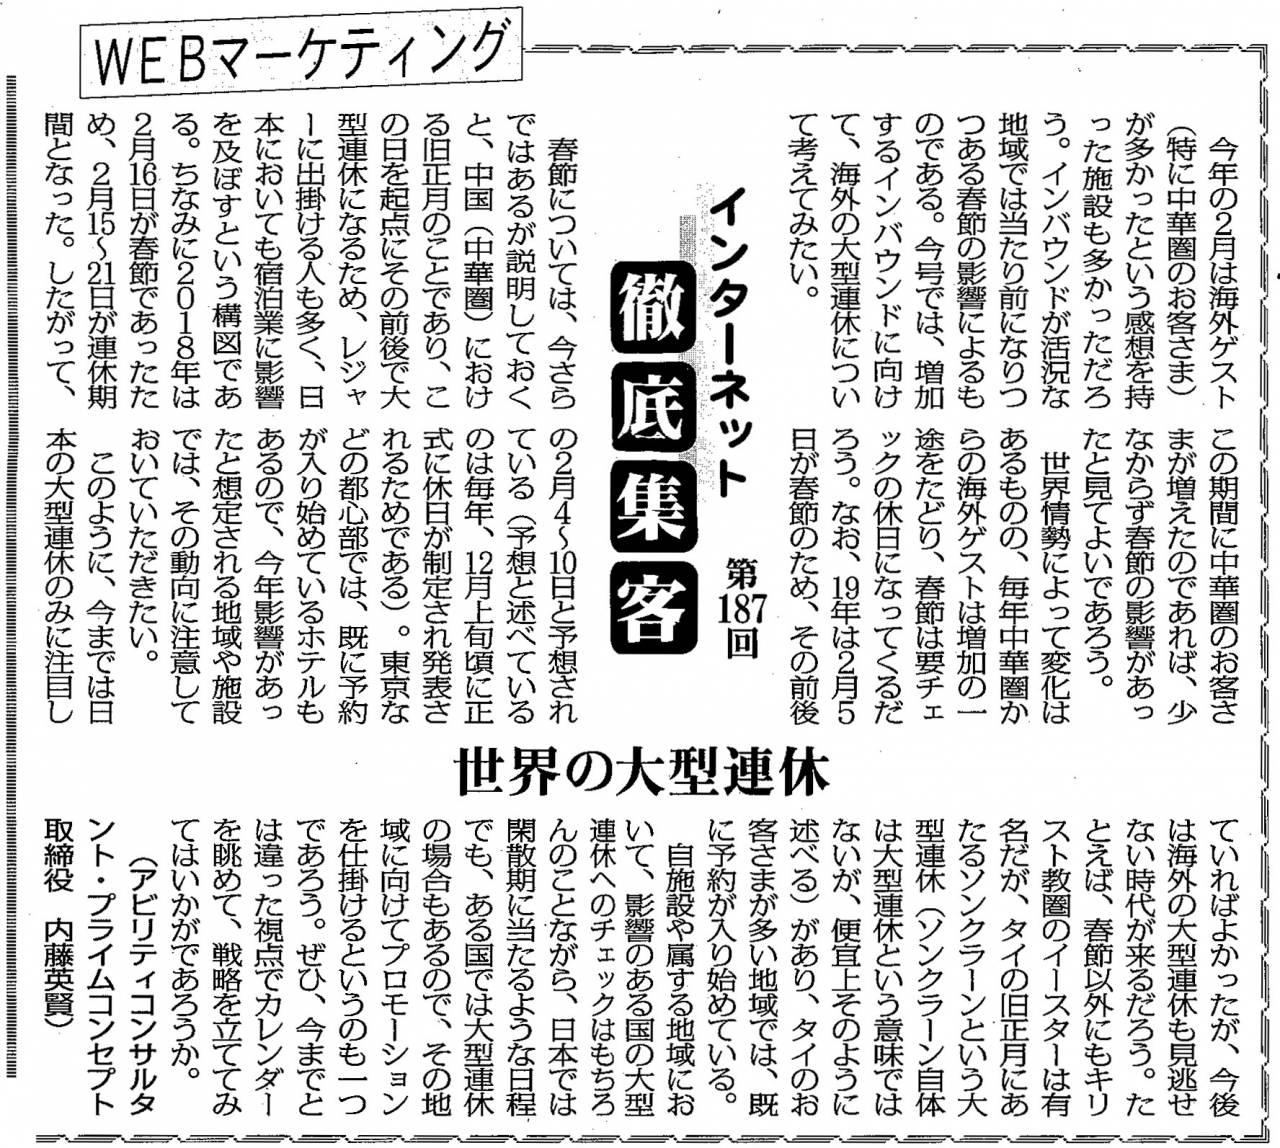 【第187回】WEBマーケティング インターネット徹底集客 (世界の大型連休)